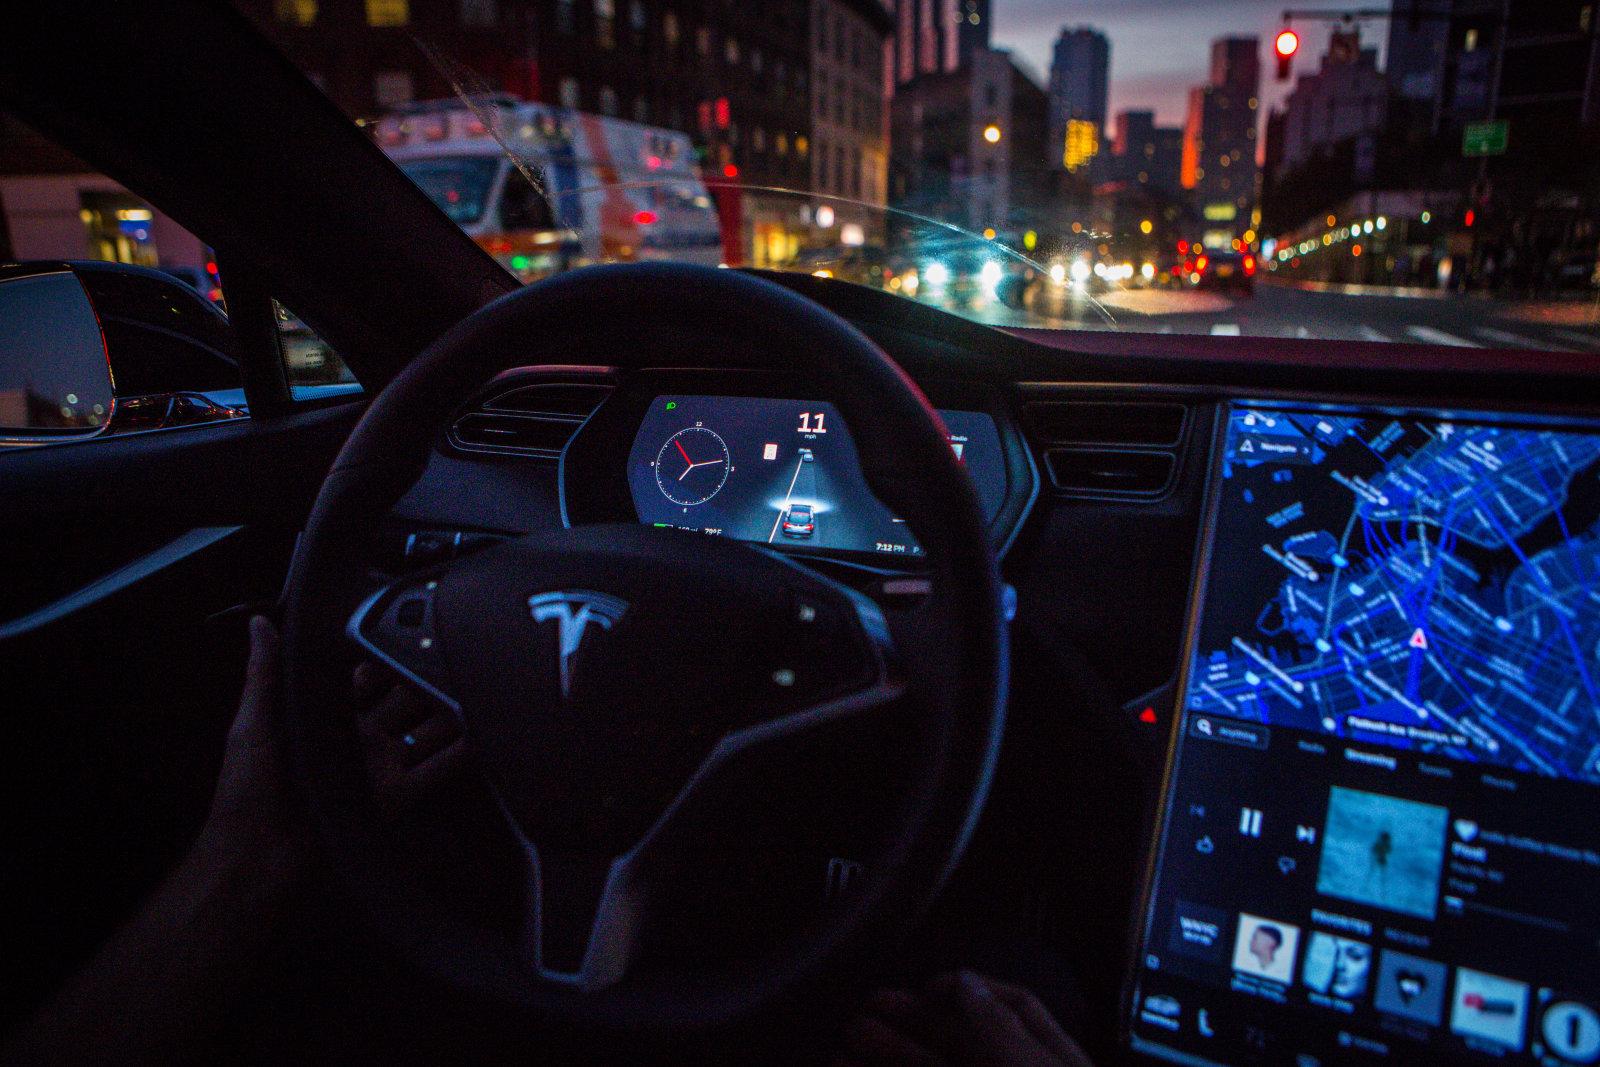 Tesla 自動駕駛車重大更新正式在新款車型上推送